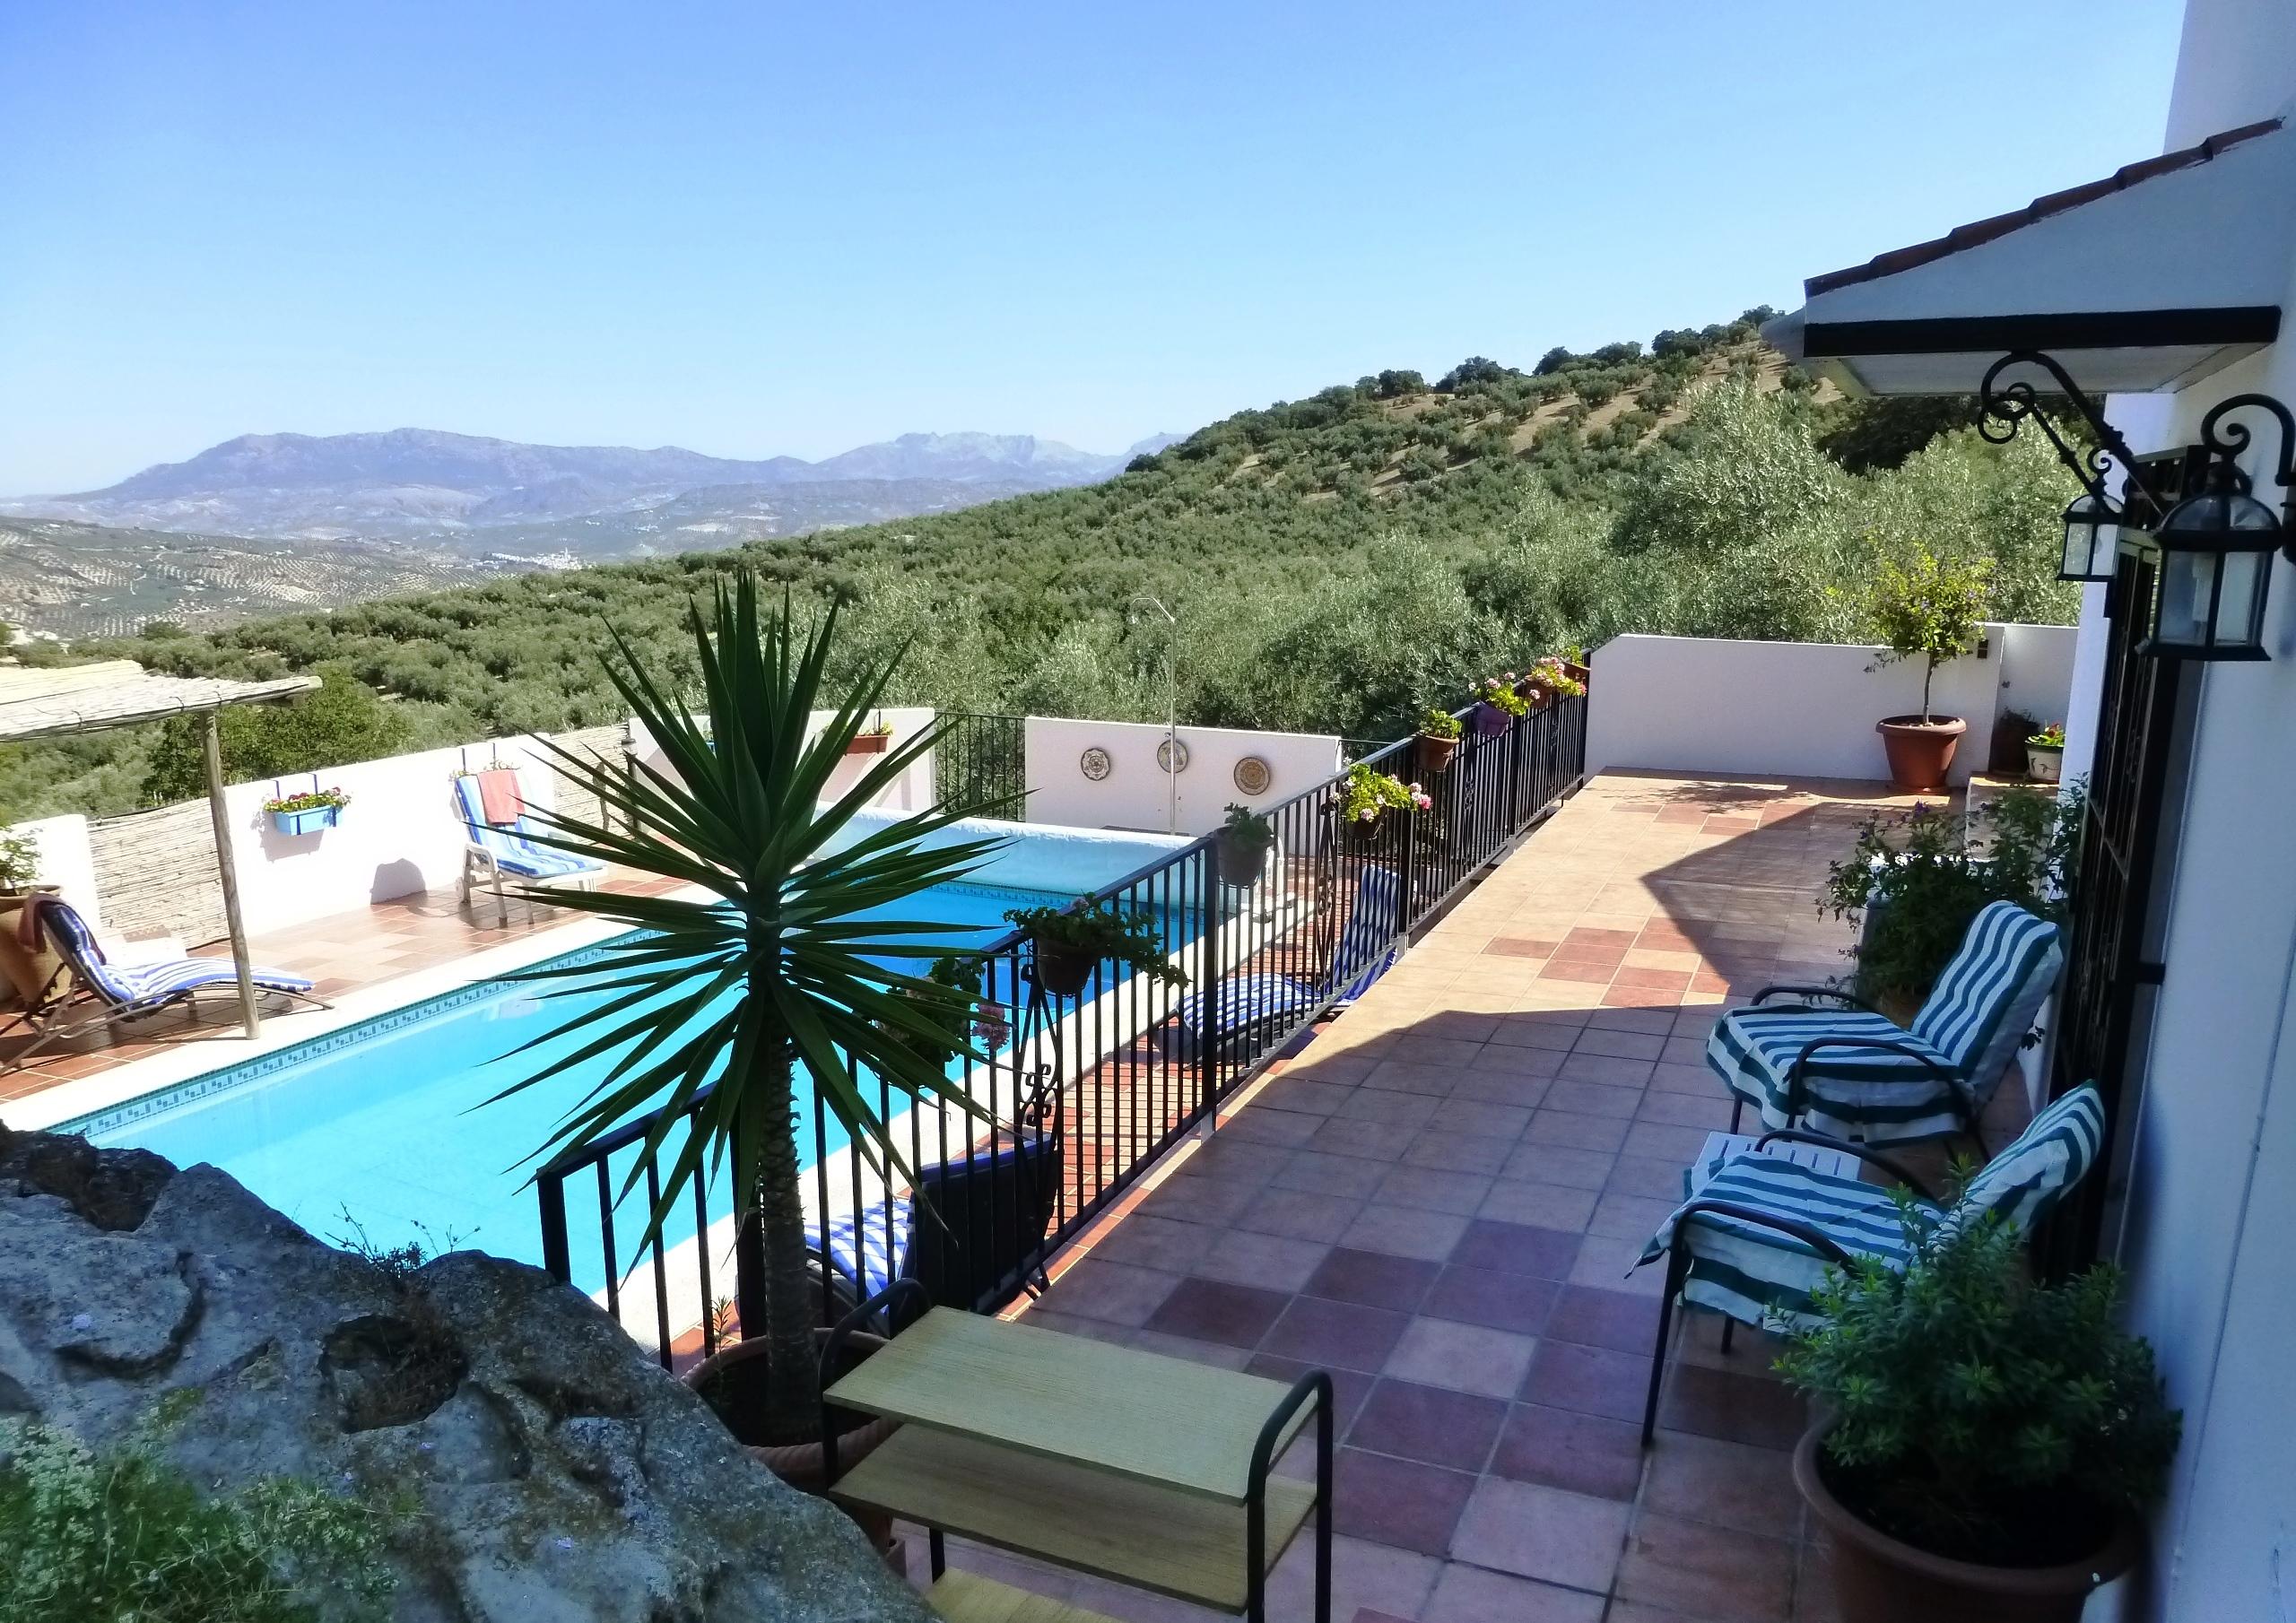 3 bedroom Villa for sale in Iznajar